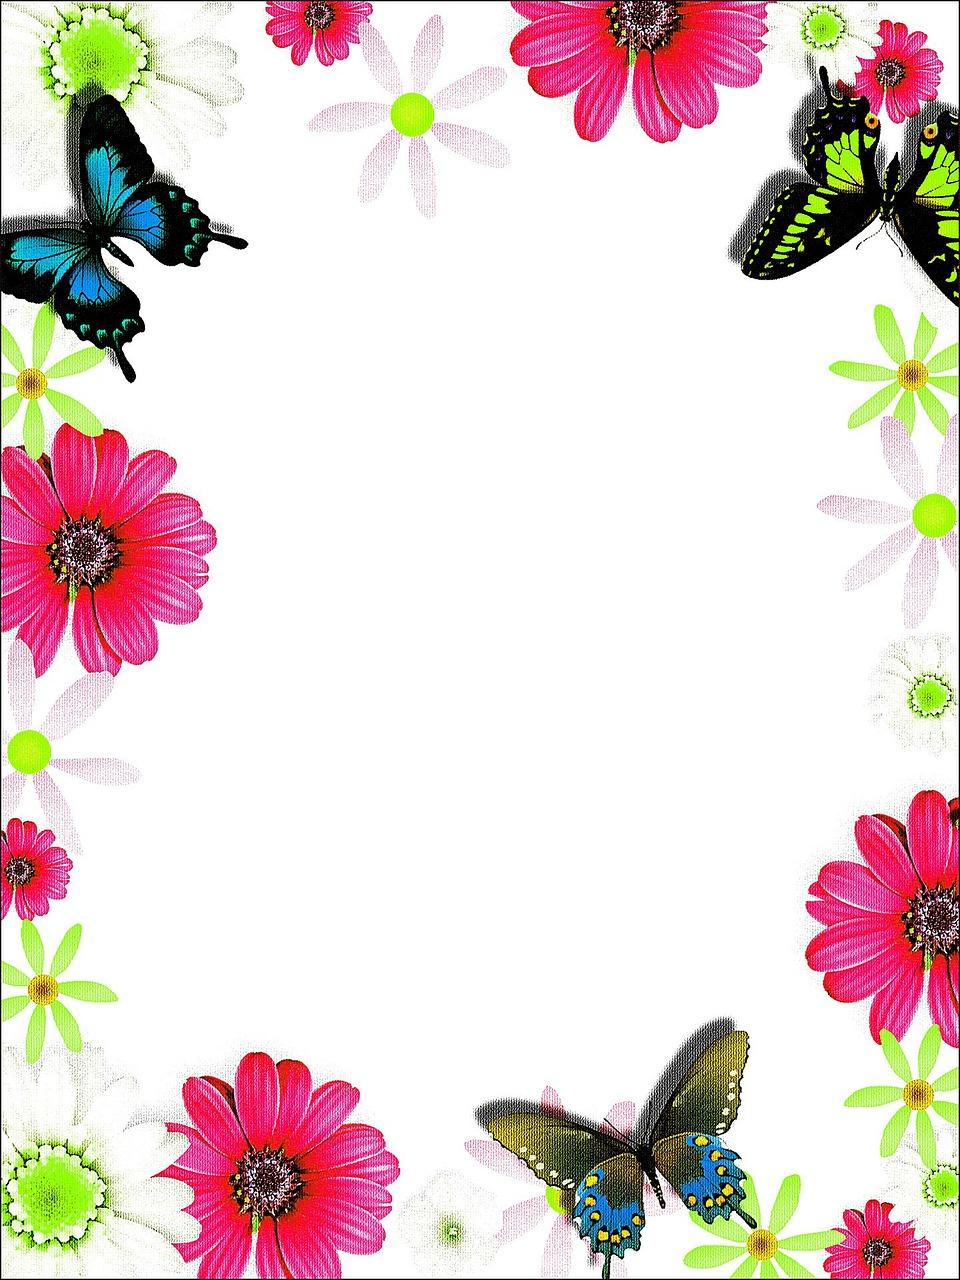 תמונות ורקעים לברכות - מסגרת פרחים ...